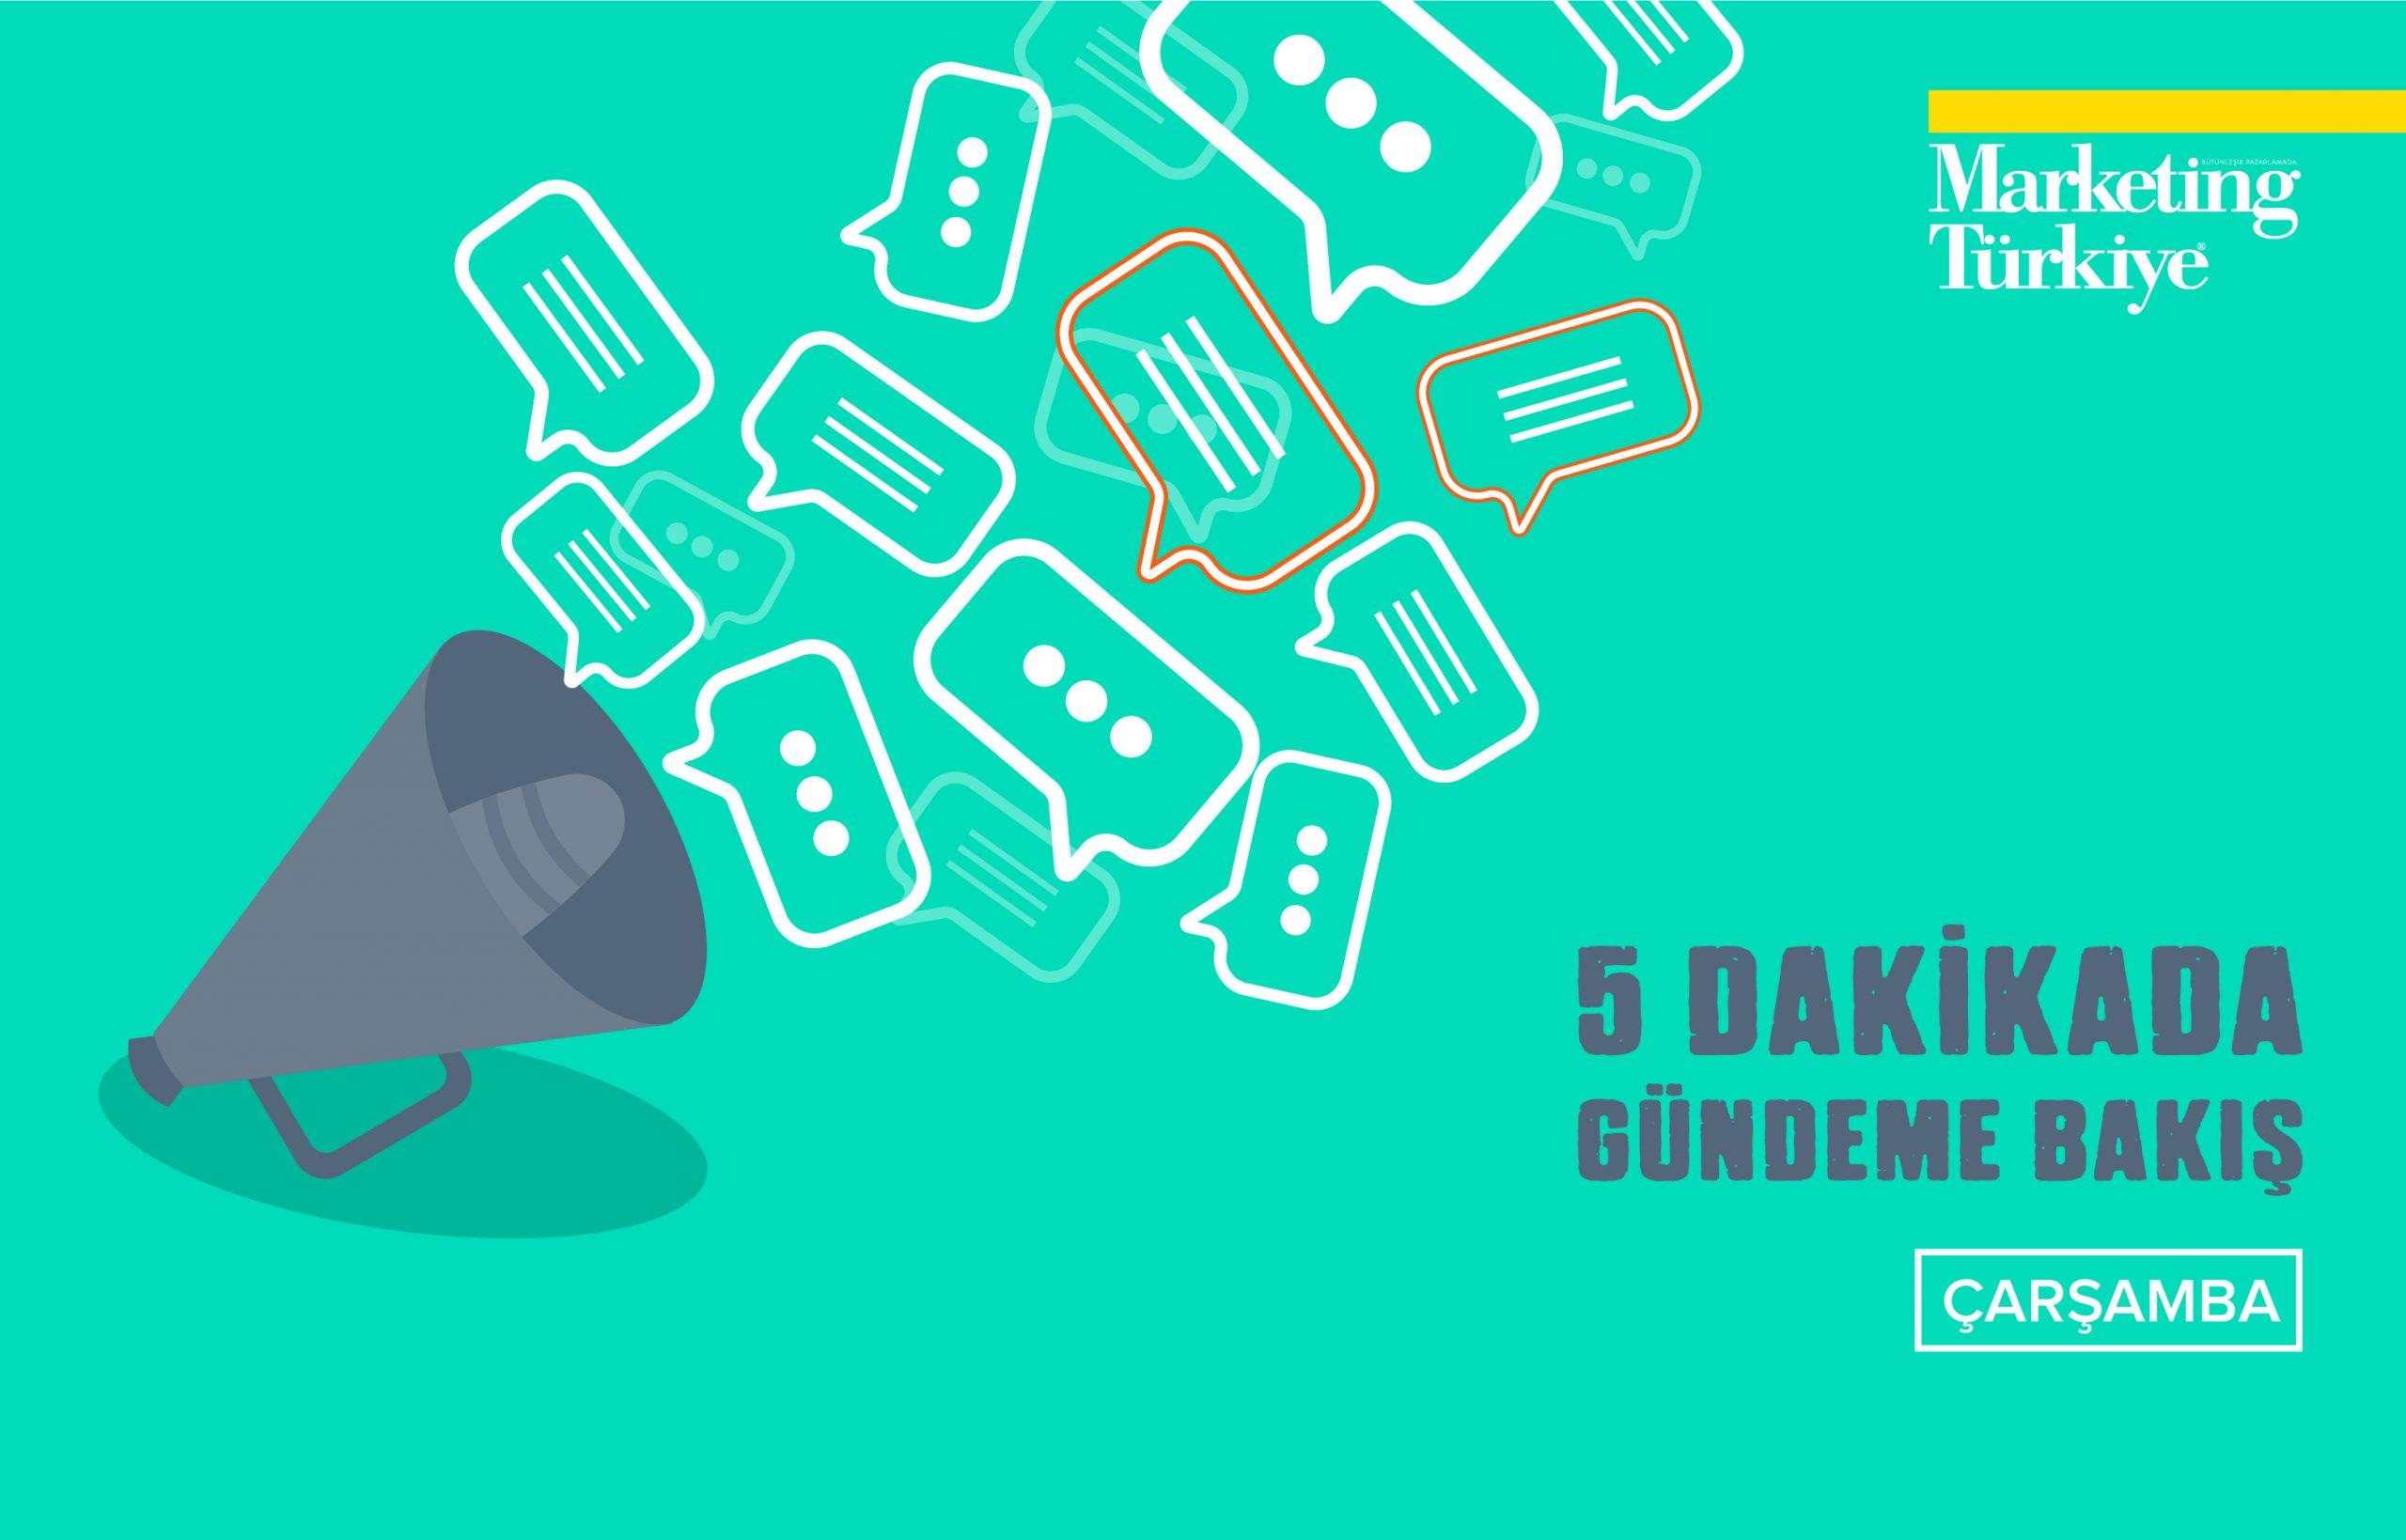 Marketing Türkiye ile 5 Dakikada gündeme bakış